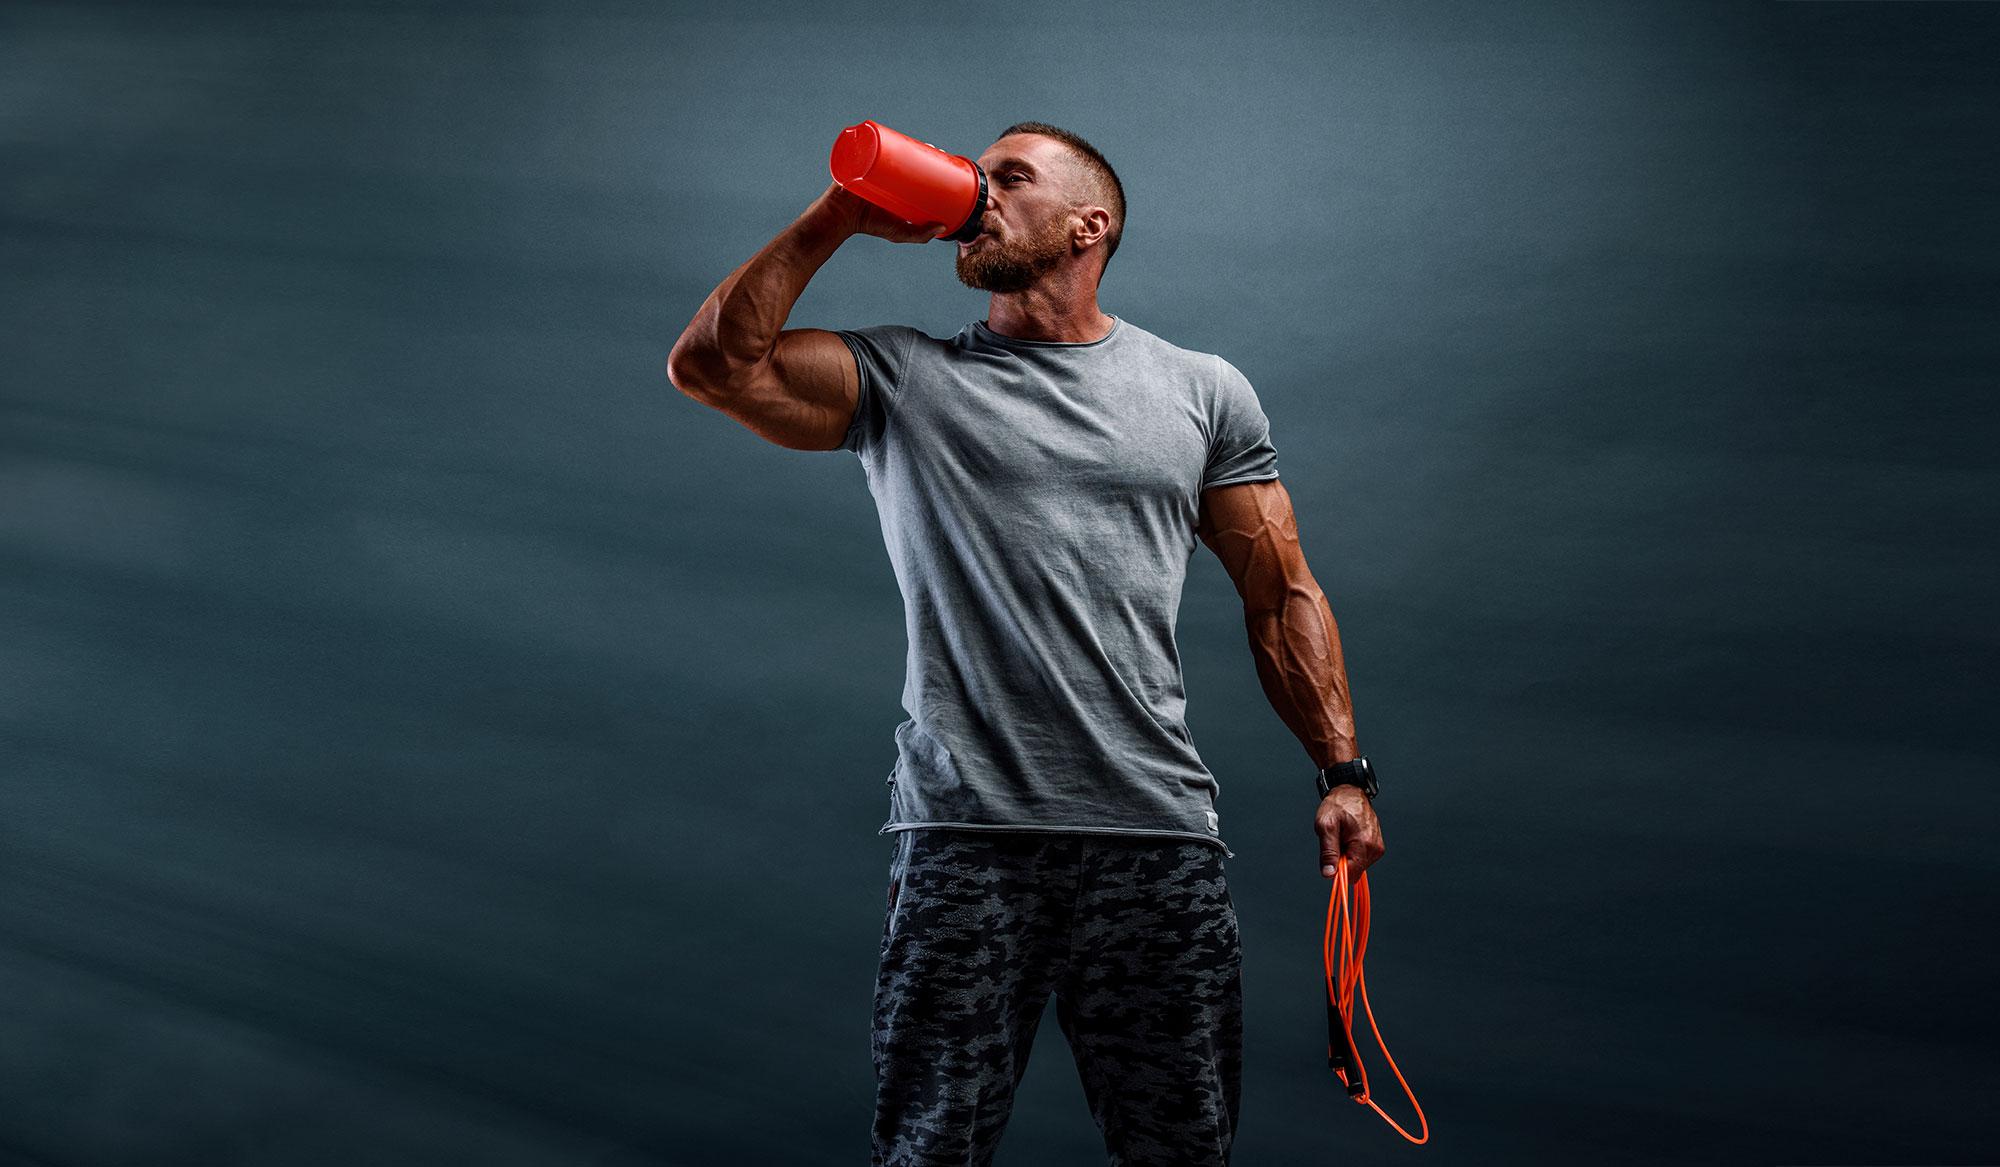 Le Pre Workout, comment fonctionnent-ils?